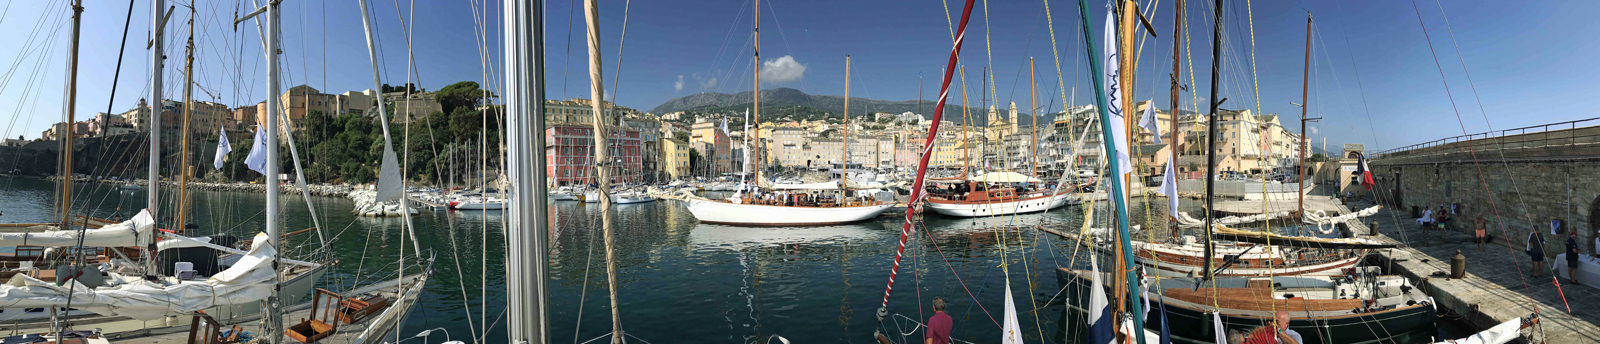 Bastie Vieux Port CC 2019 photo Thibaud Assante DR